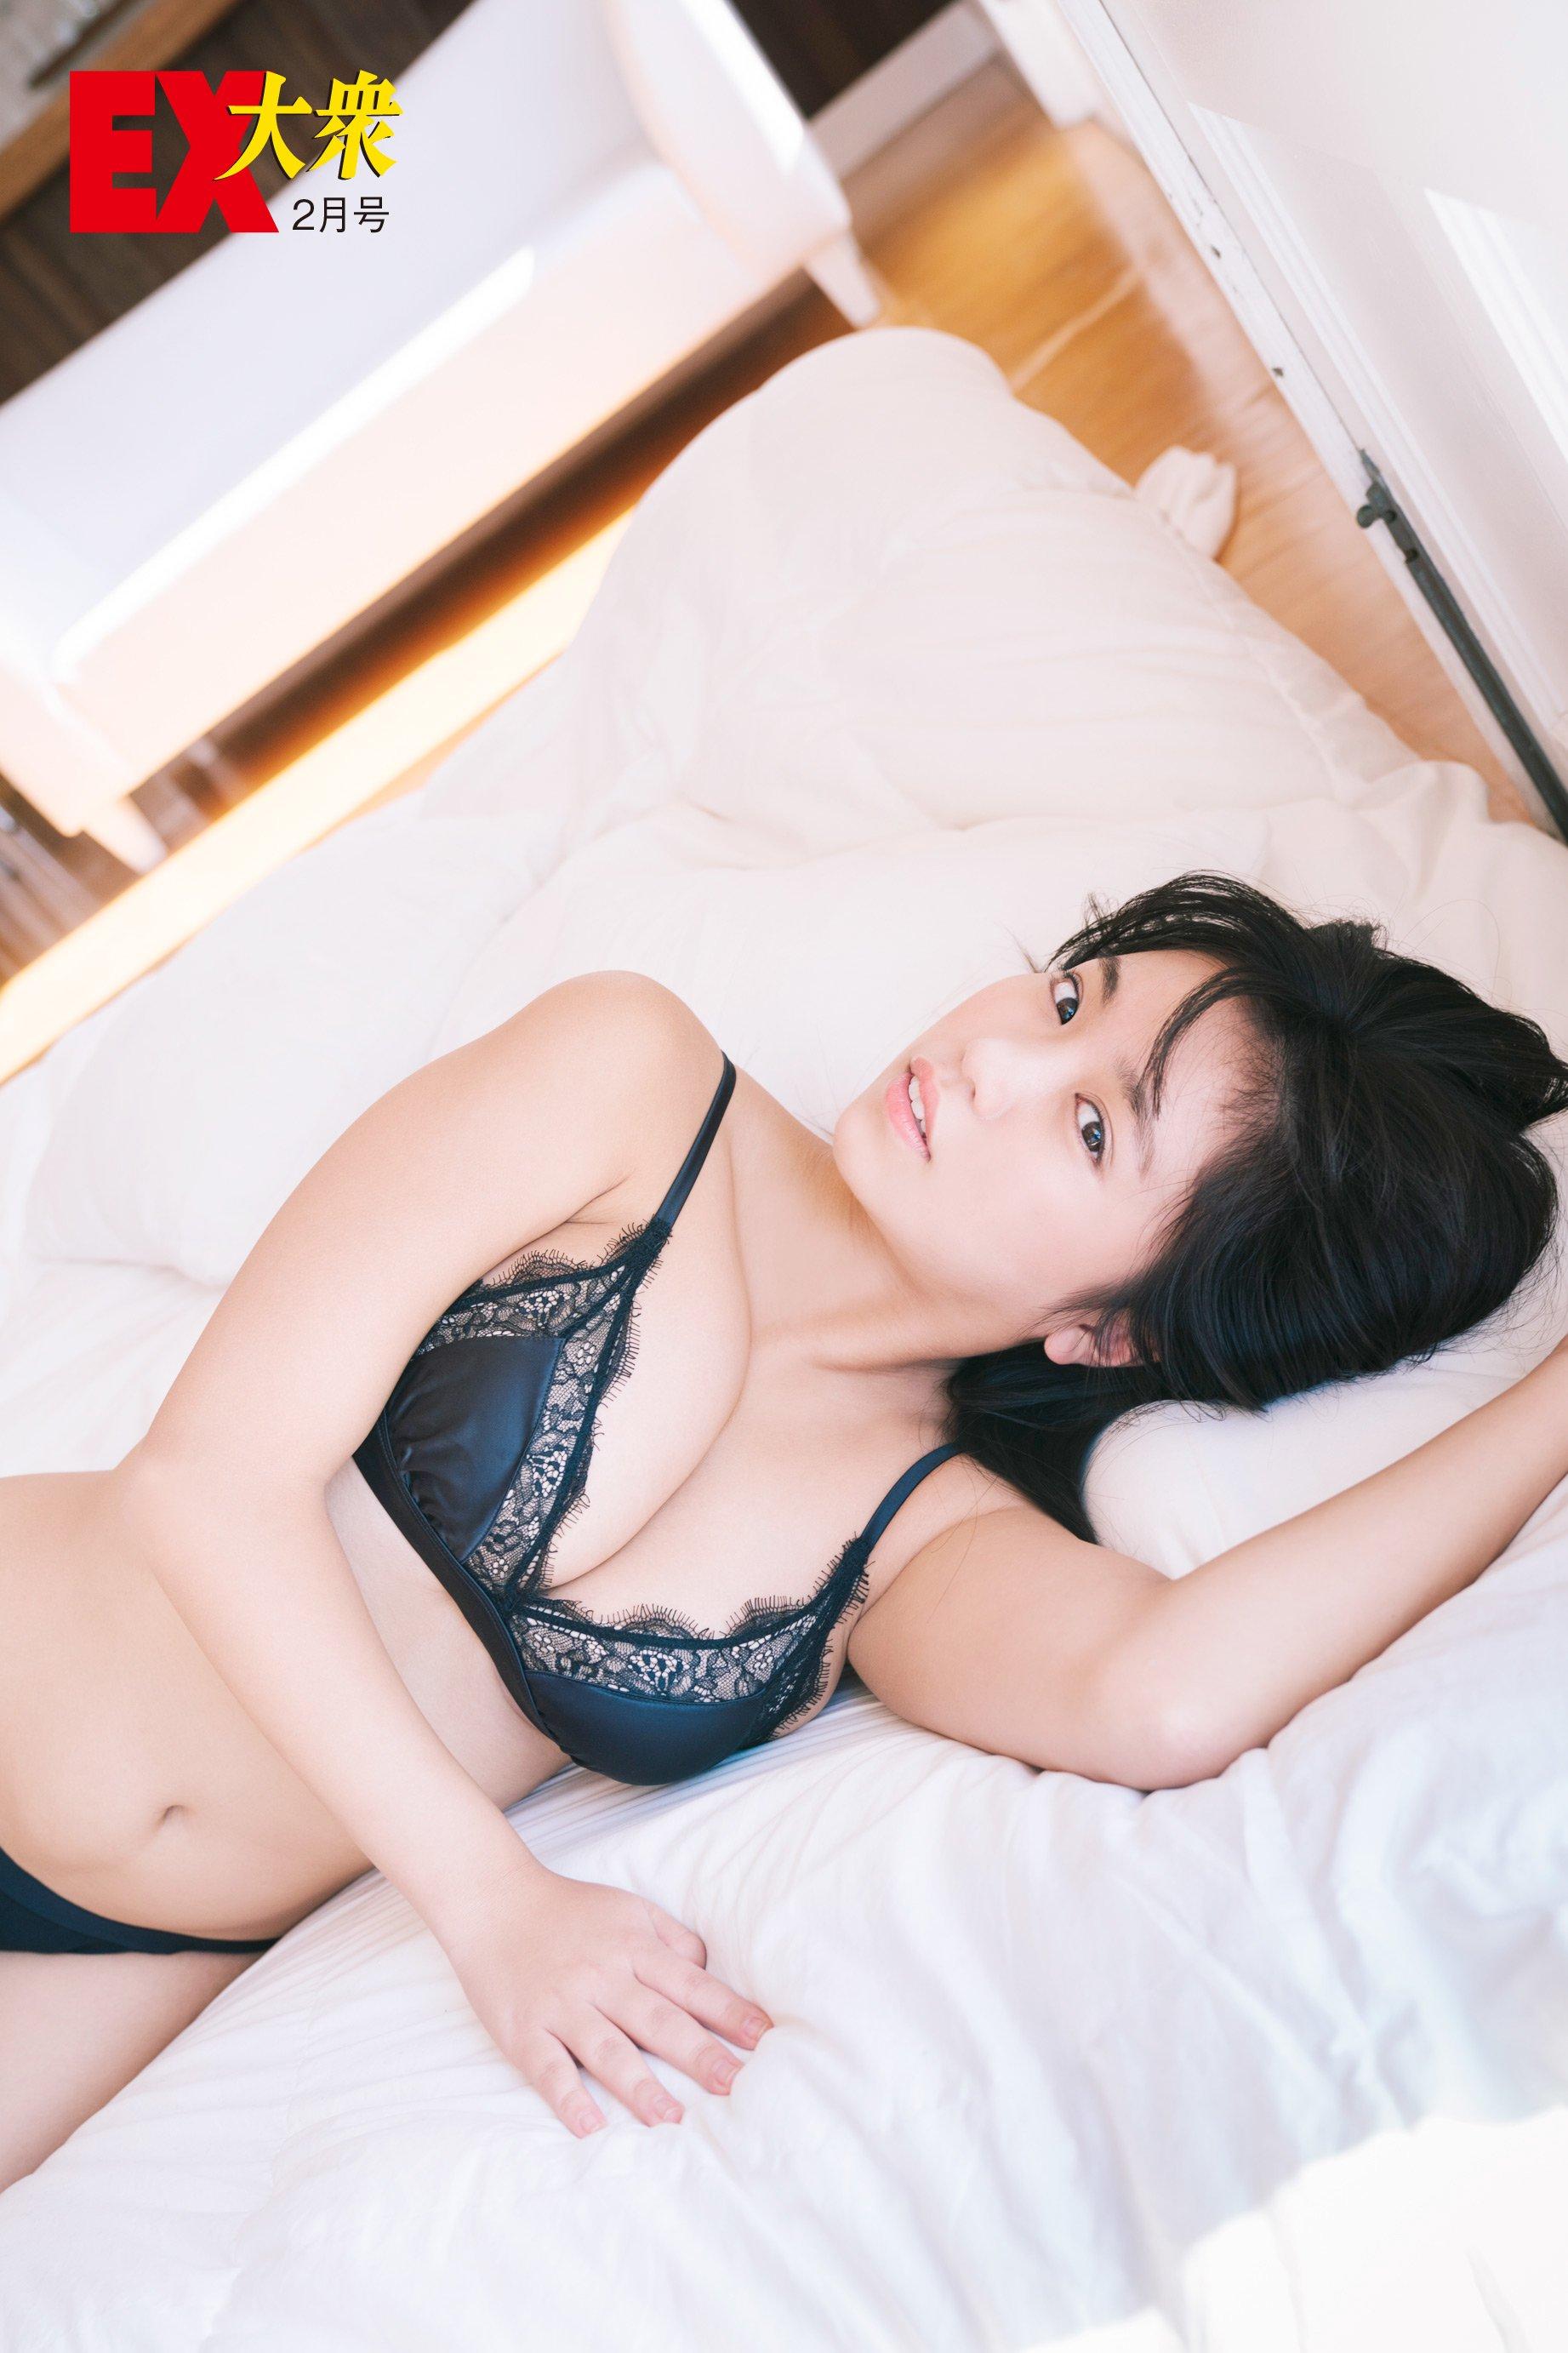 大原優乃の本誌未掲載カット14枚を大公開!【EX大衆2月号】の画像006